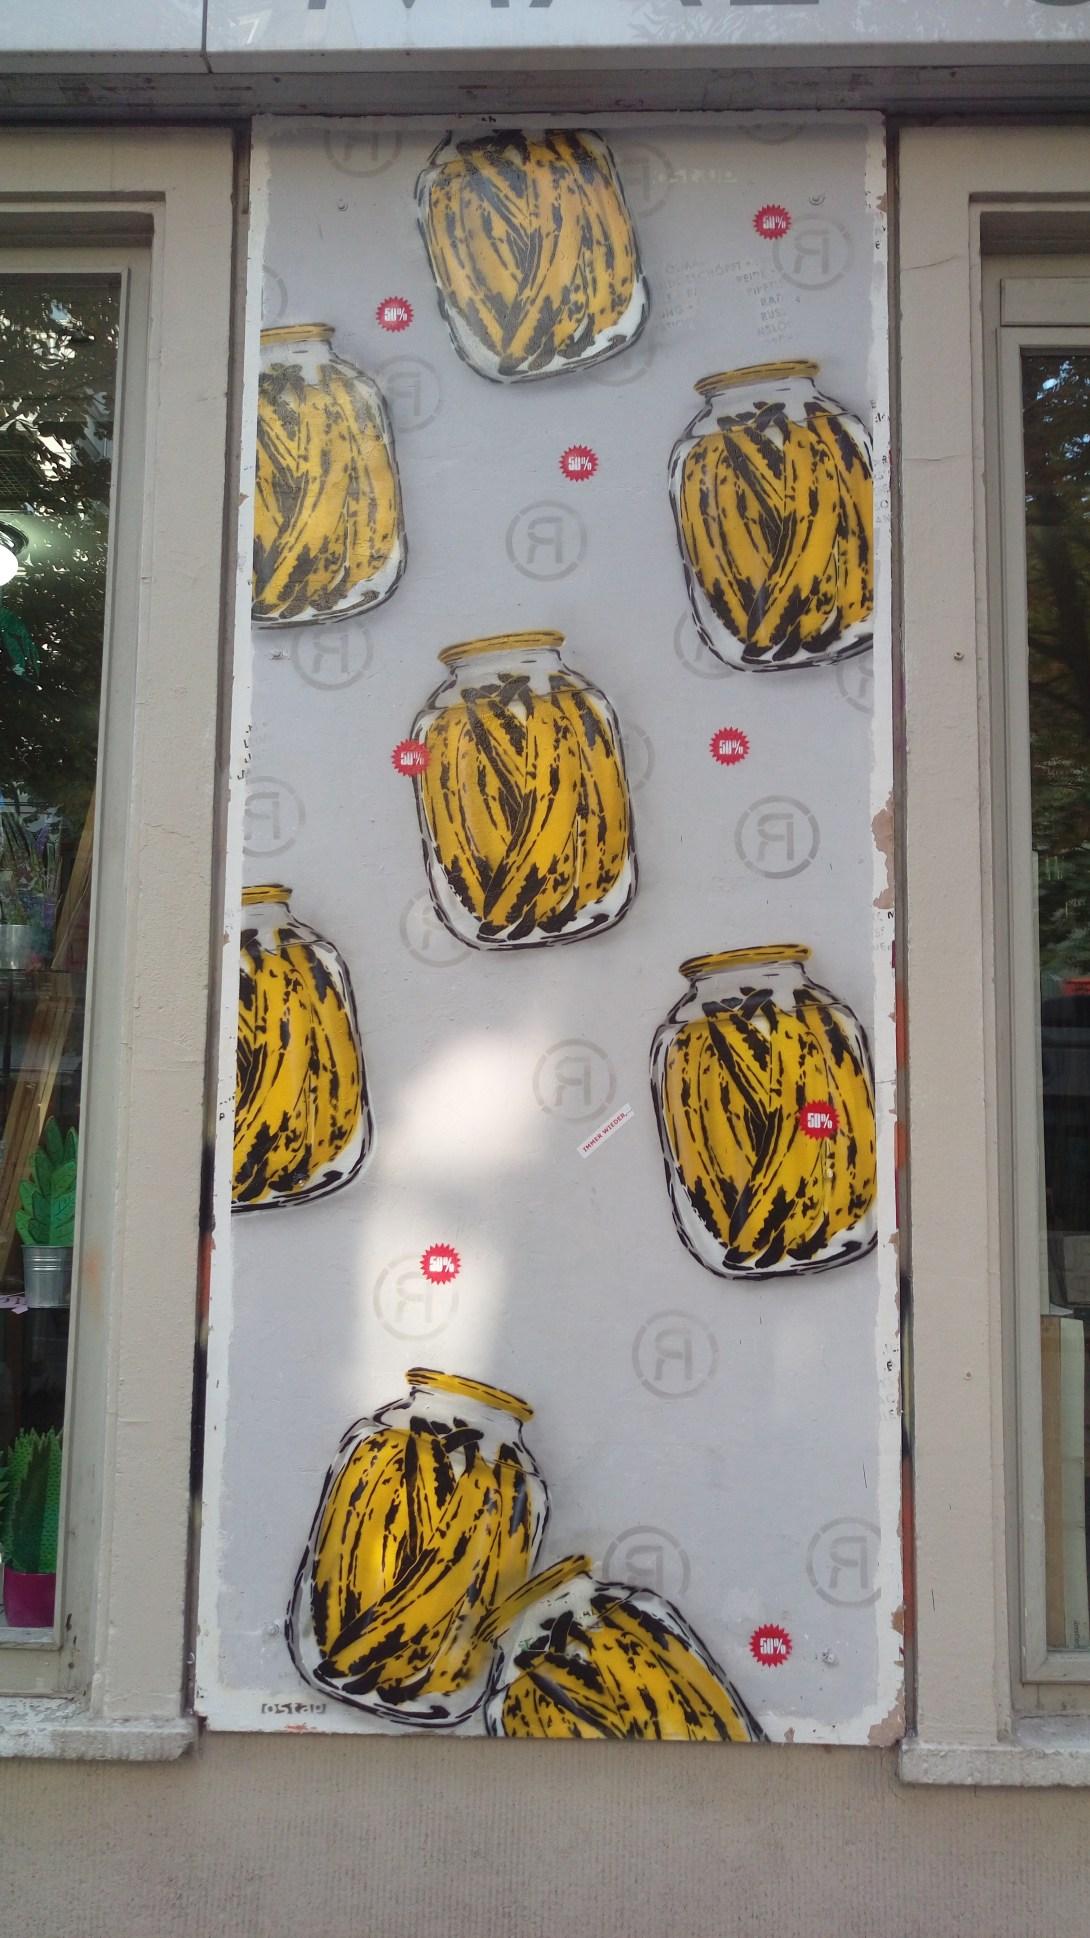 Berlin Banane Banana stencil ostap Prenzlauer Berg